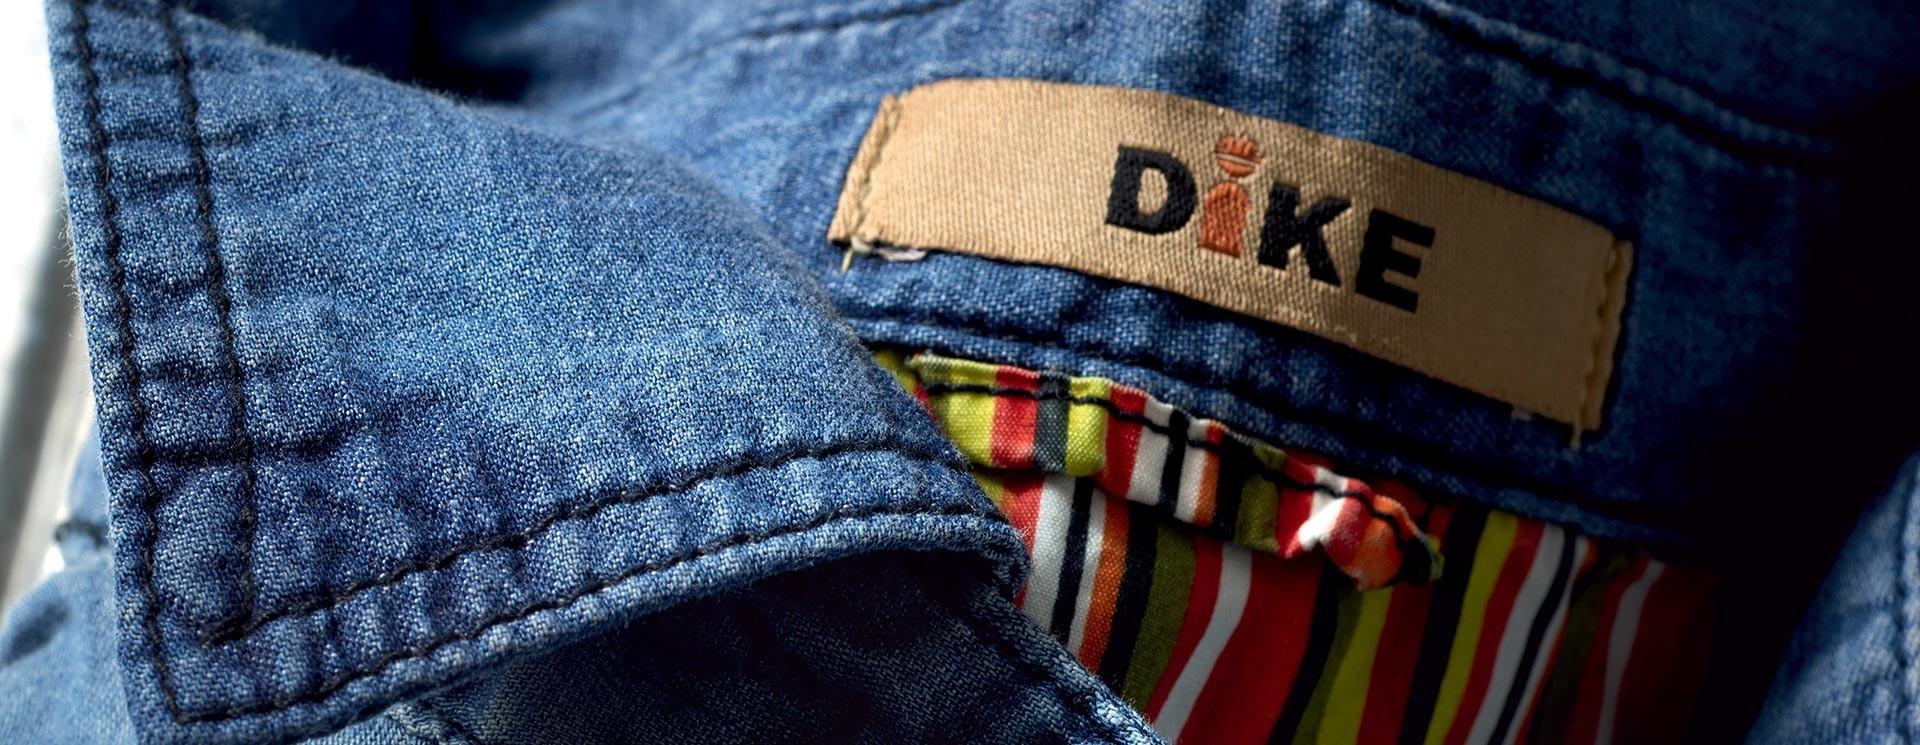 Chemises de Travail - Vêtements de travail | Dike